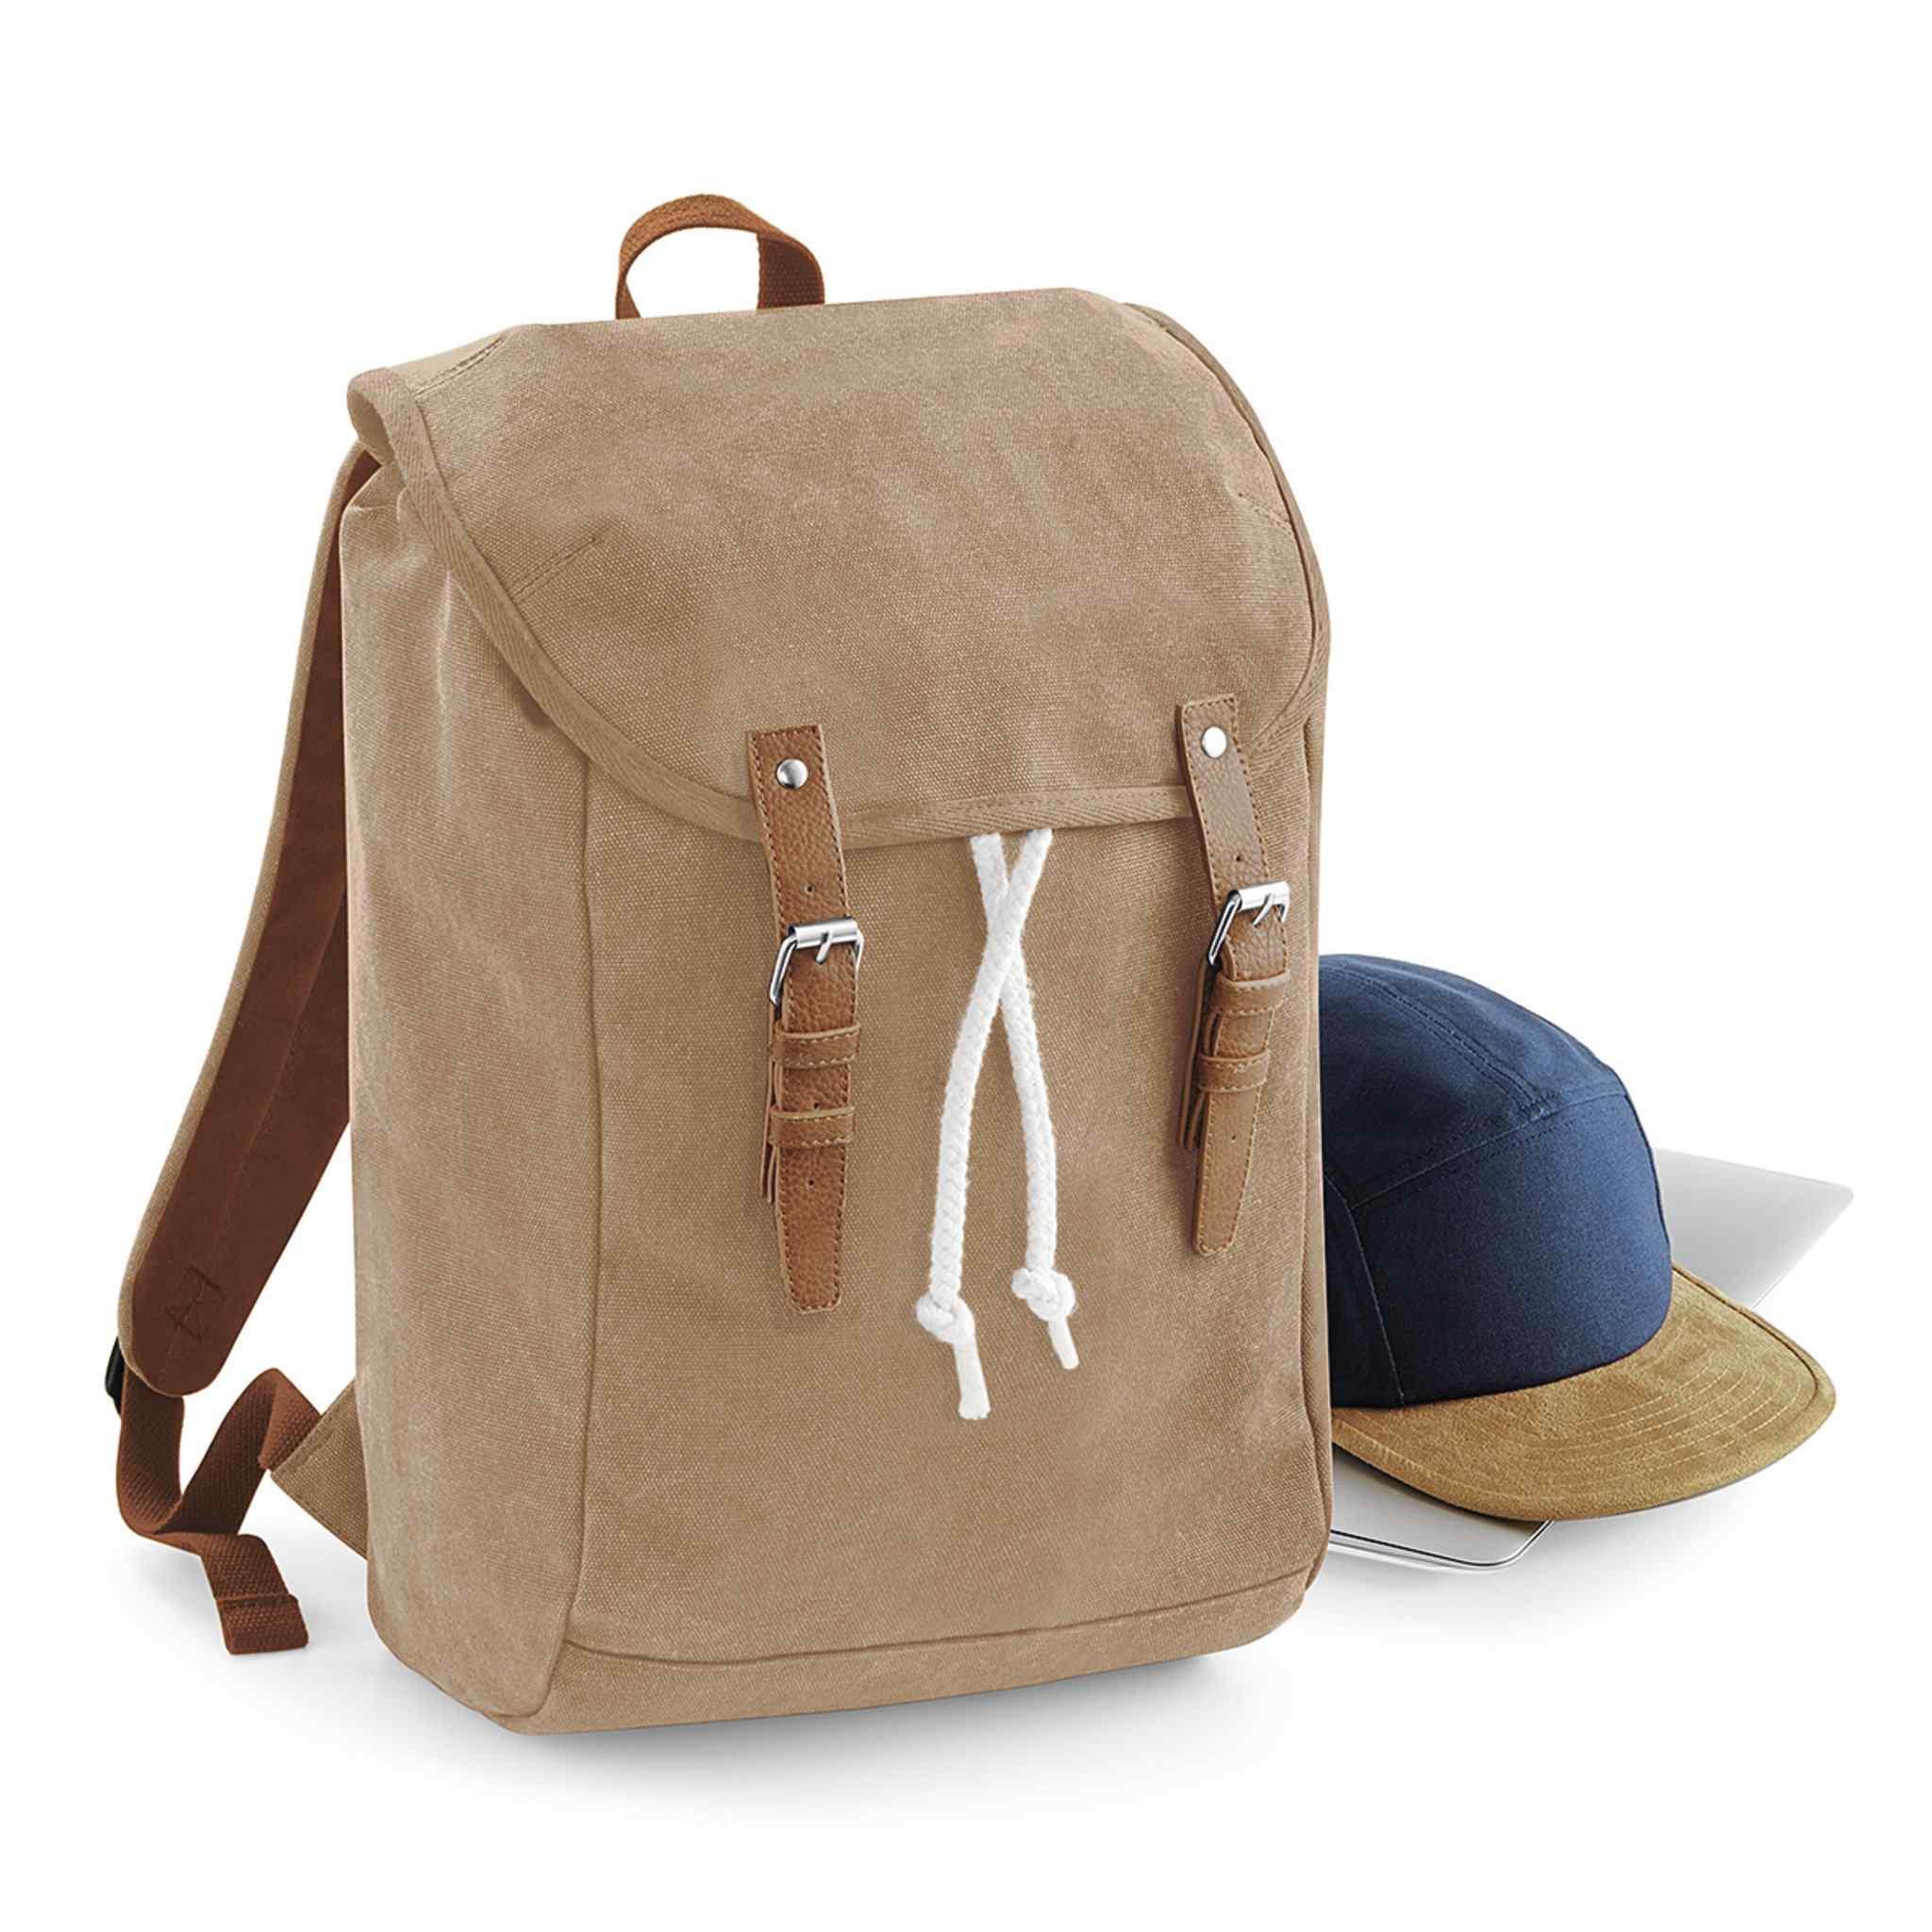 Sac à dos publicitaire Rucksack Vintage - sac à dos personnalisable